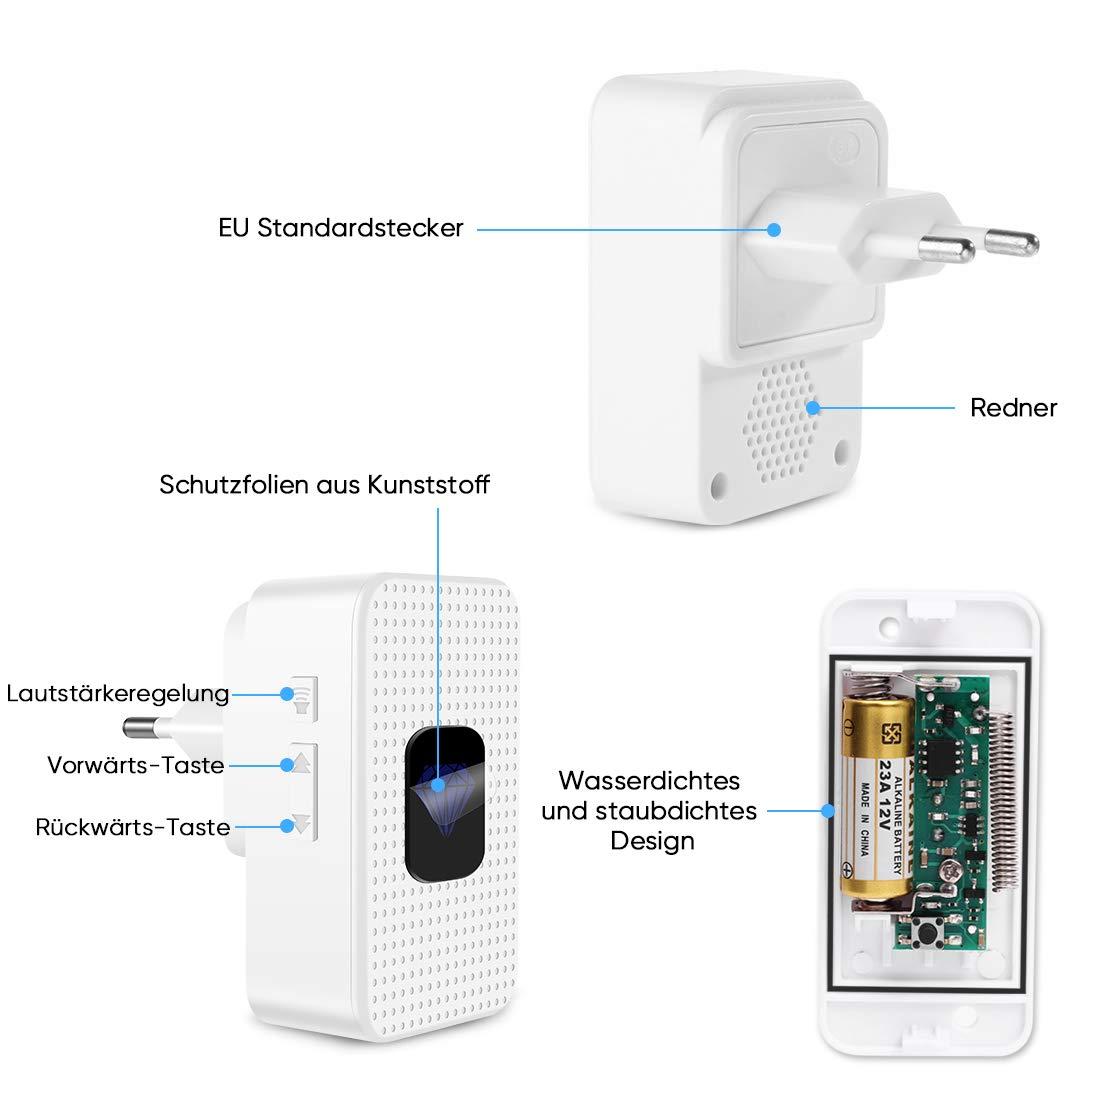 Funkklingel Wasserdicht,Kabellose Türklingel batterie 300m Reichweite und 55 Klingeltönen,5 Lautstärkestufen (0db-110db),mit LED Anzeige